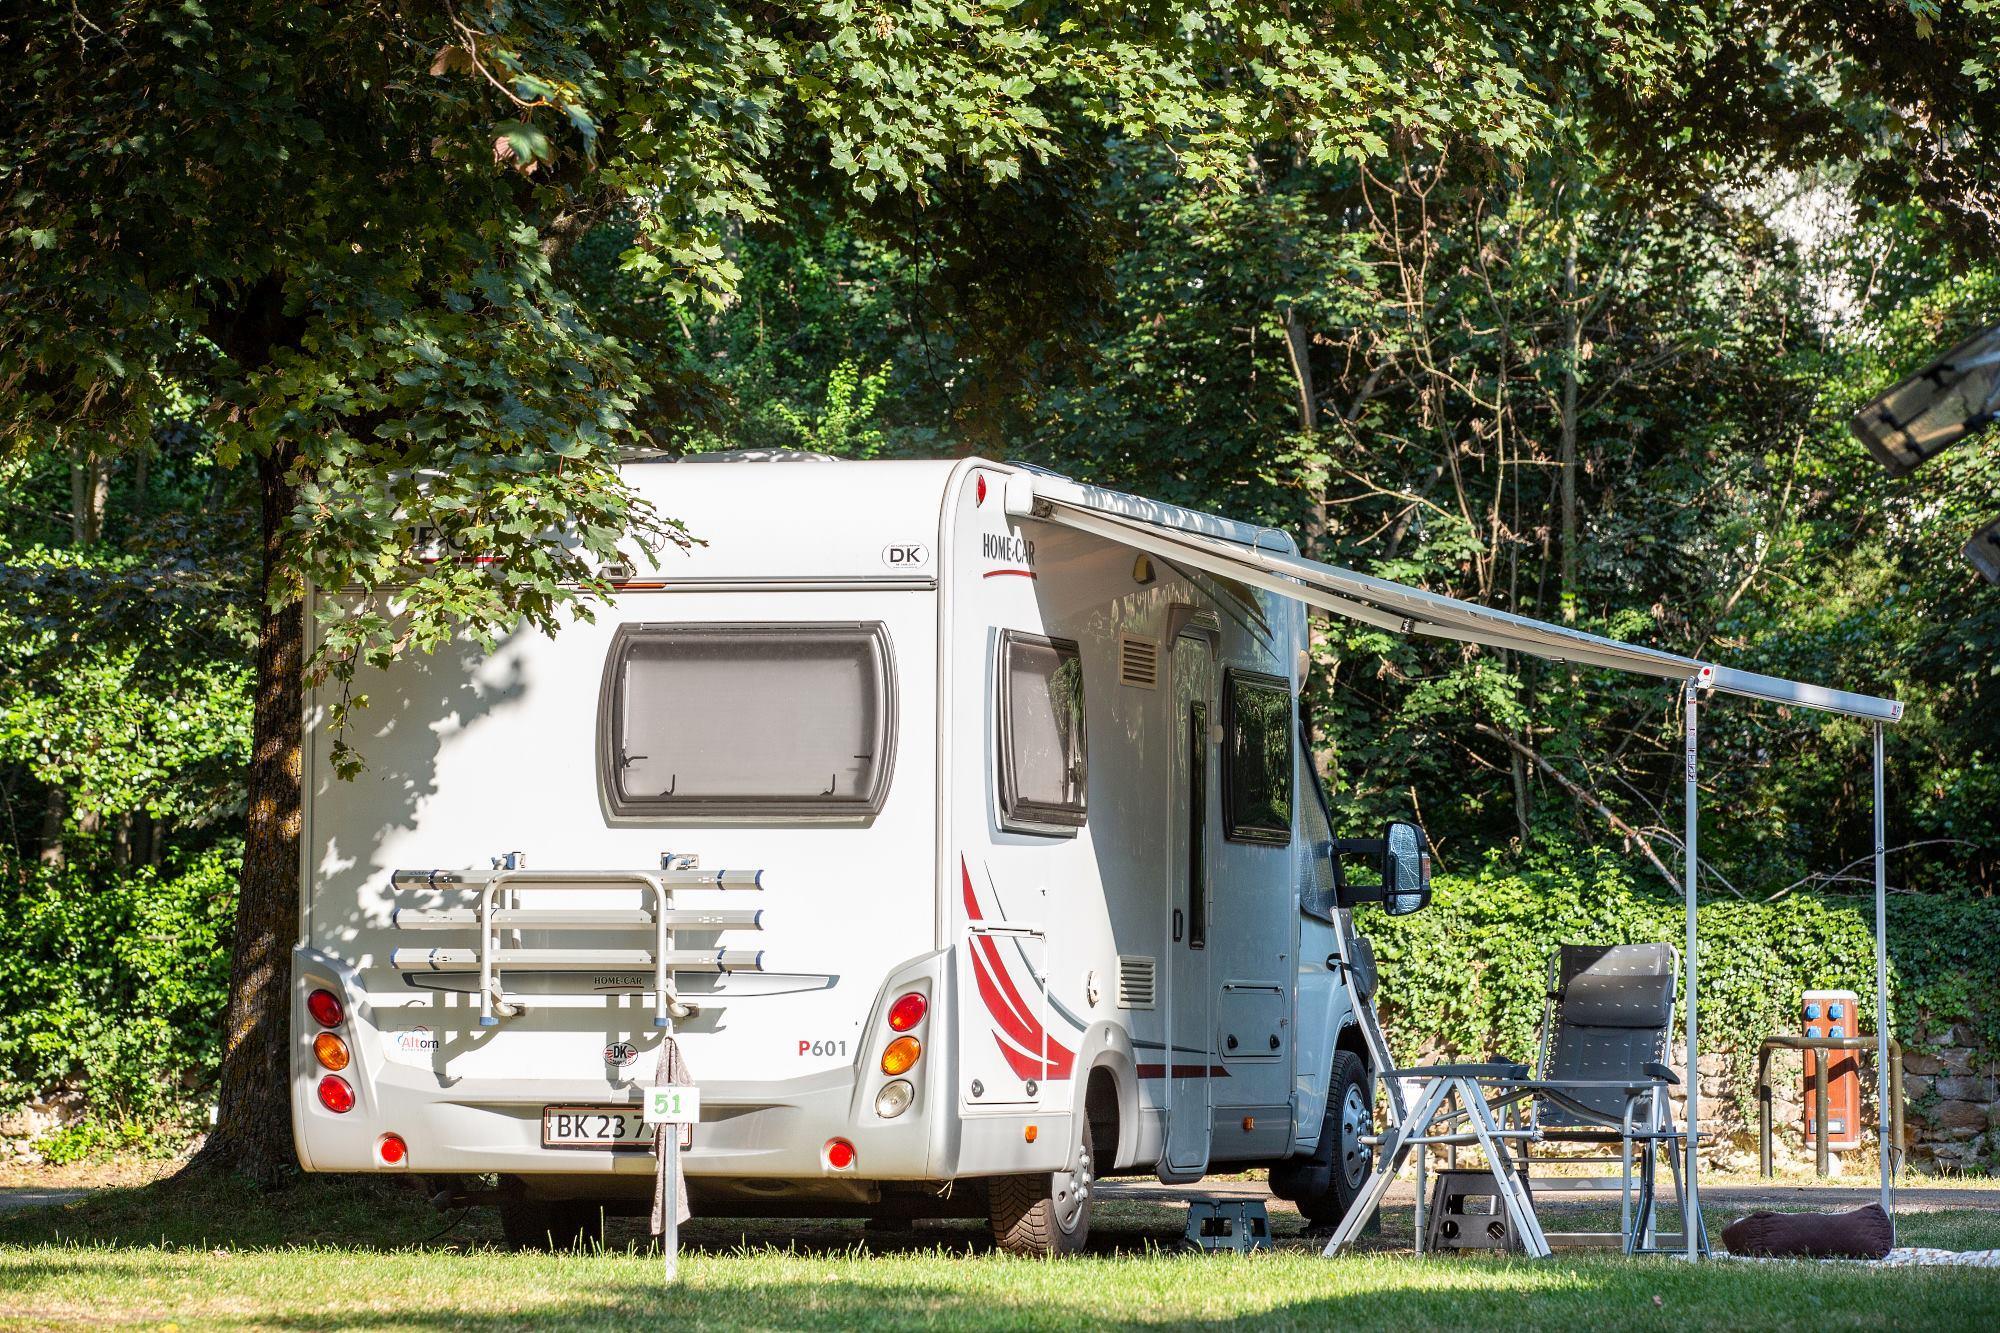 Camping de Bouthezard, Le Puy-en-Velay, Haute-Loire